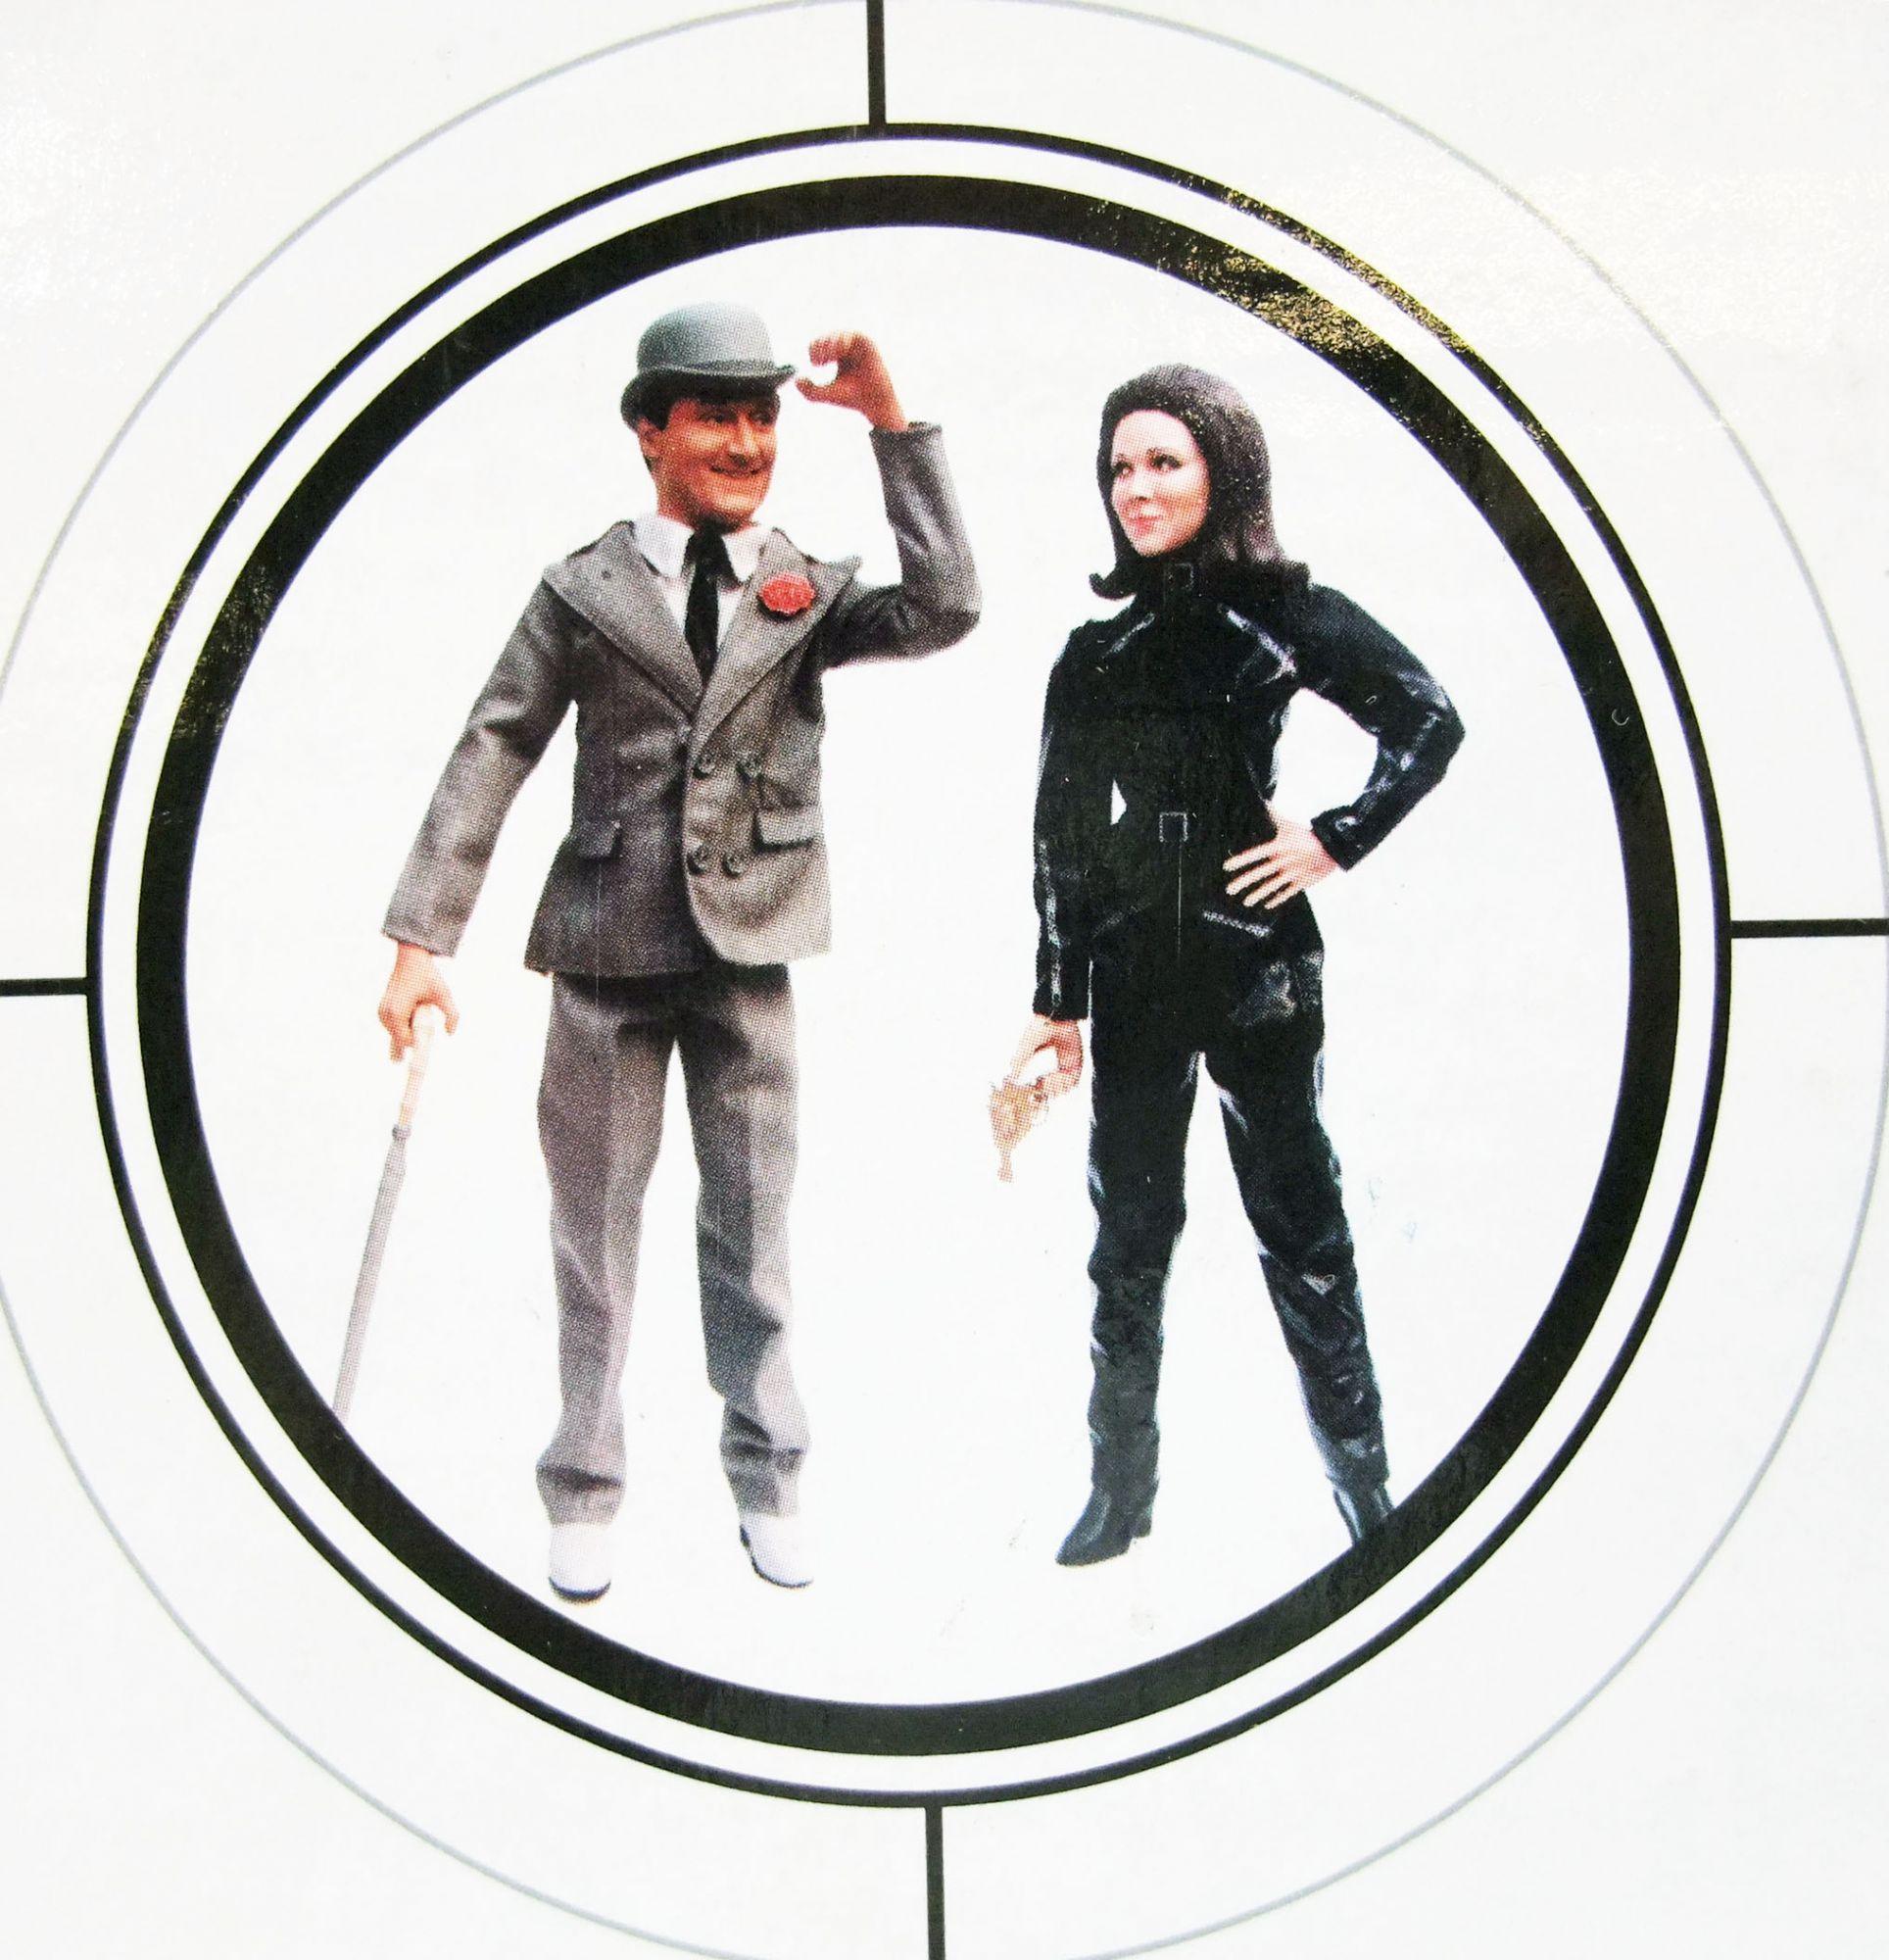 The Avengers - John Steed & Emma Peel - Product Enterprise